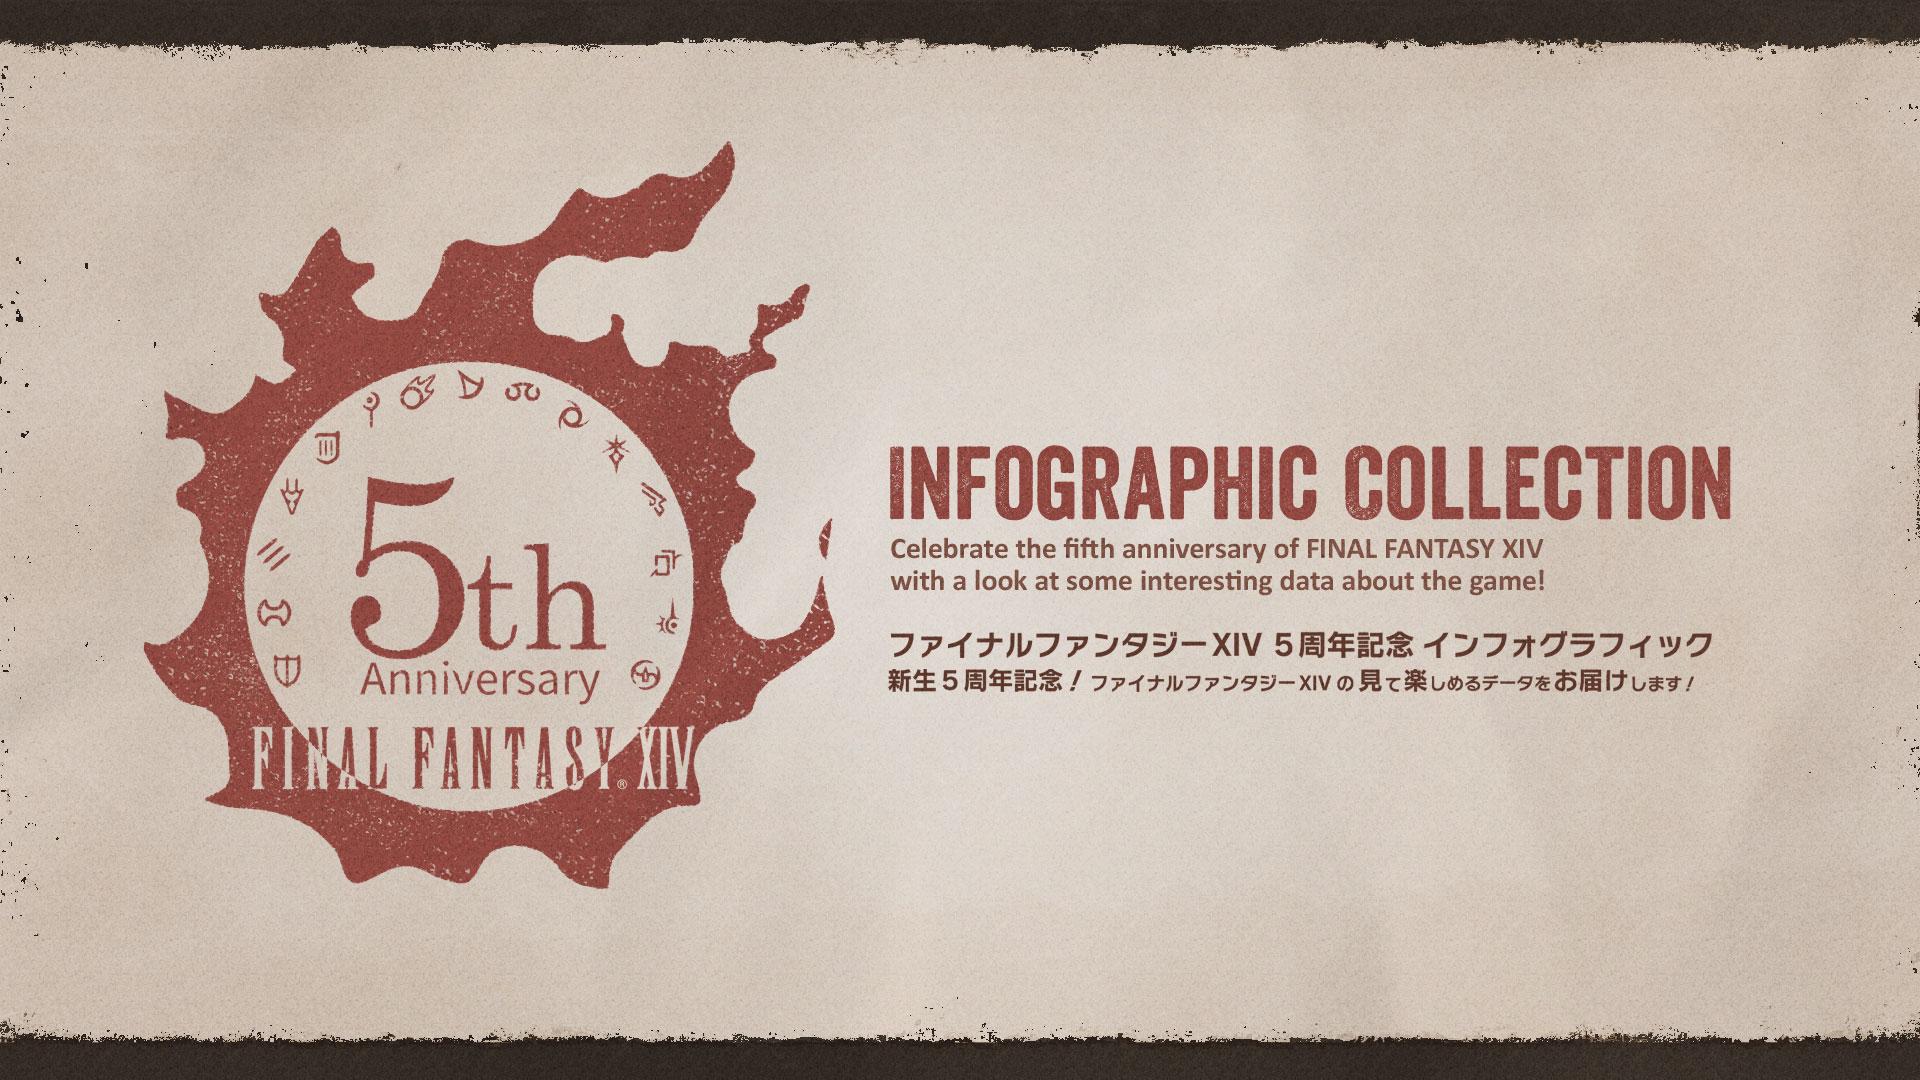 ファイナルファンタジーXIV 5周年記念 インフォグラフィック